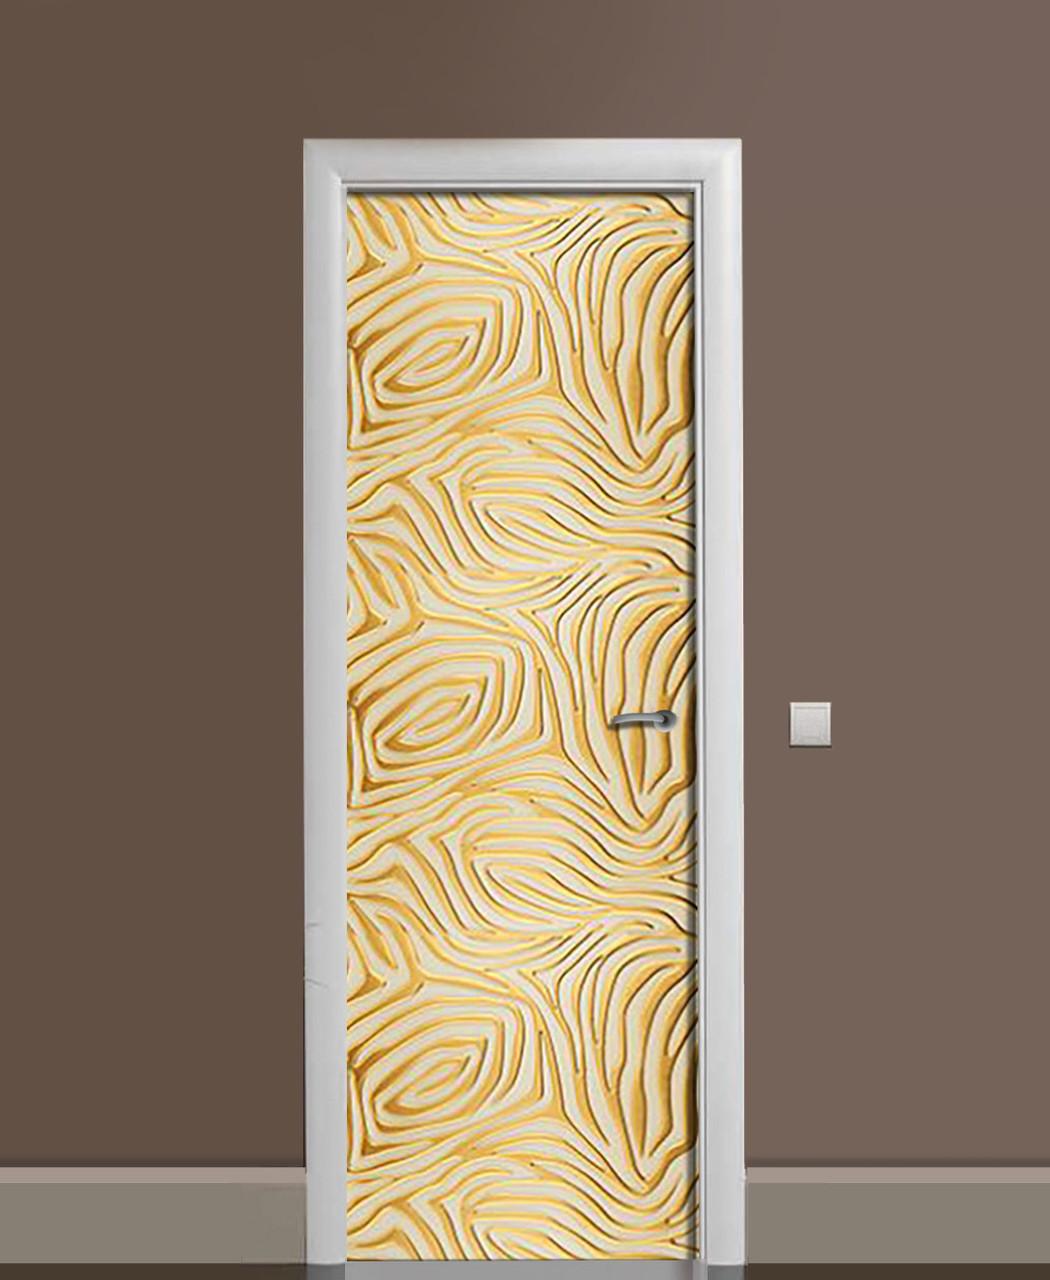 Декоративная наклейка на двери Золотые лабиринты ПВХ пленка с ламинацией 65*200см Текстуры Бежевый